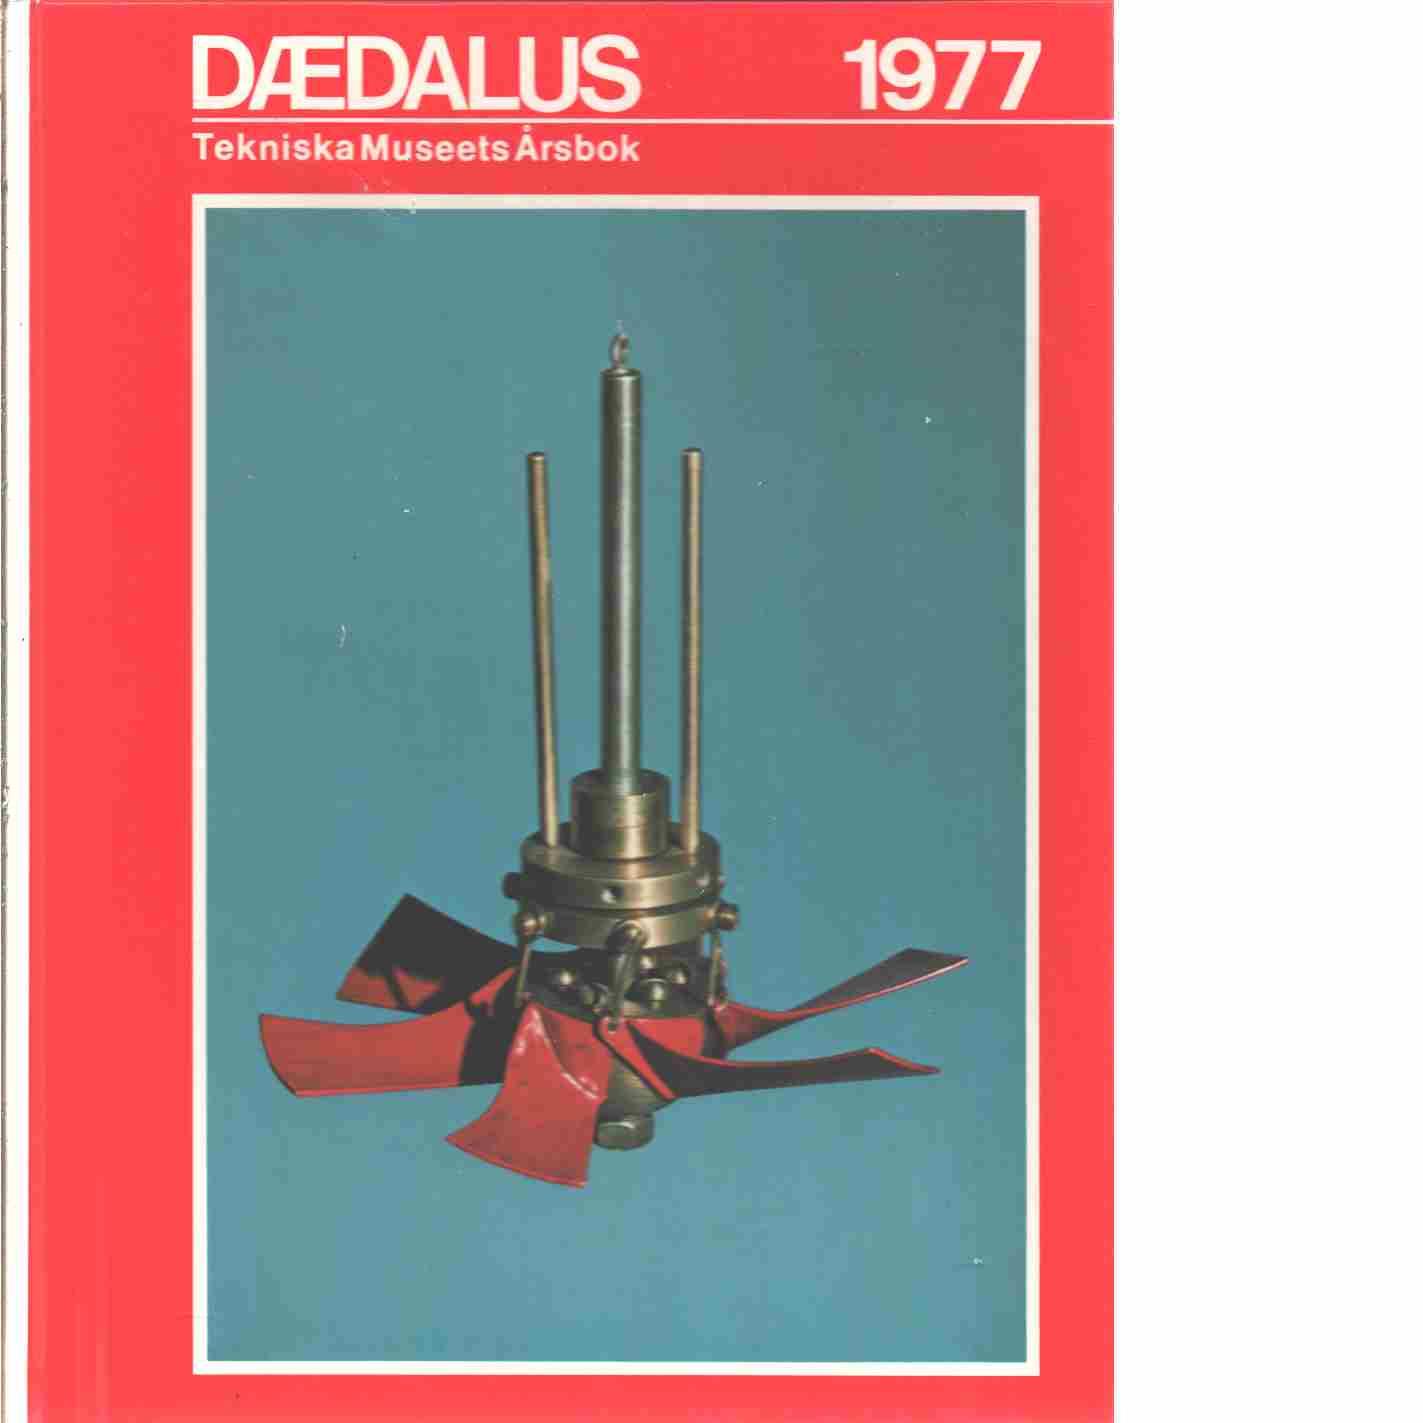 Dædalus : Tekniska museets årsbok. 1977 - Red.